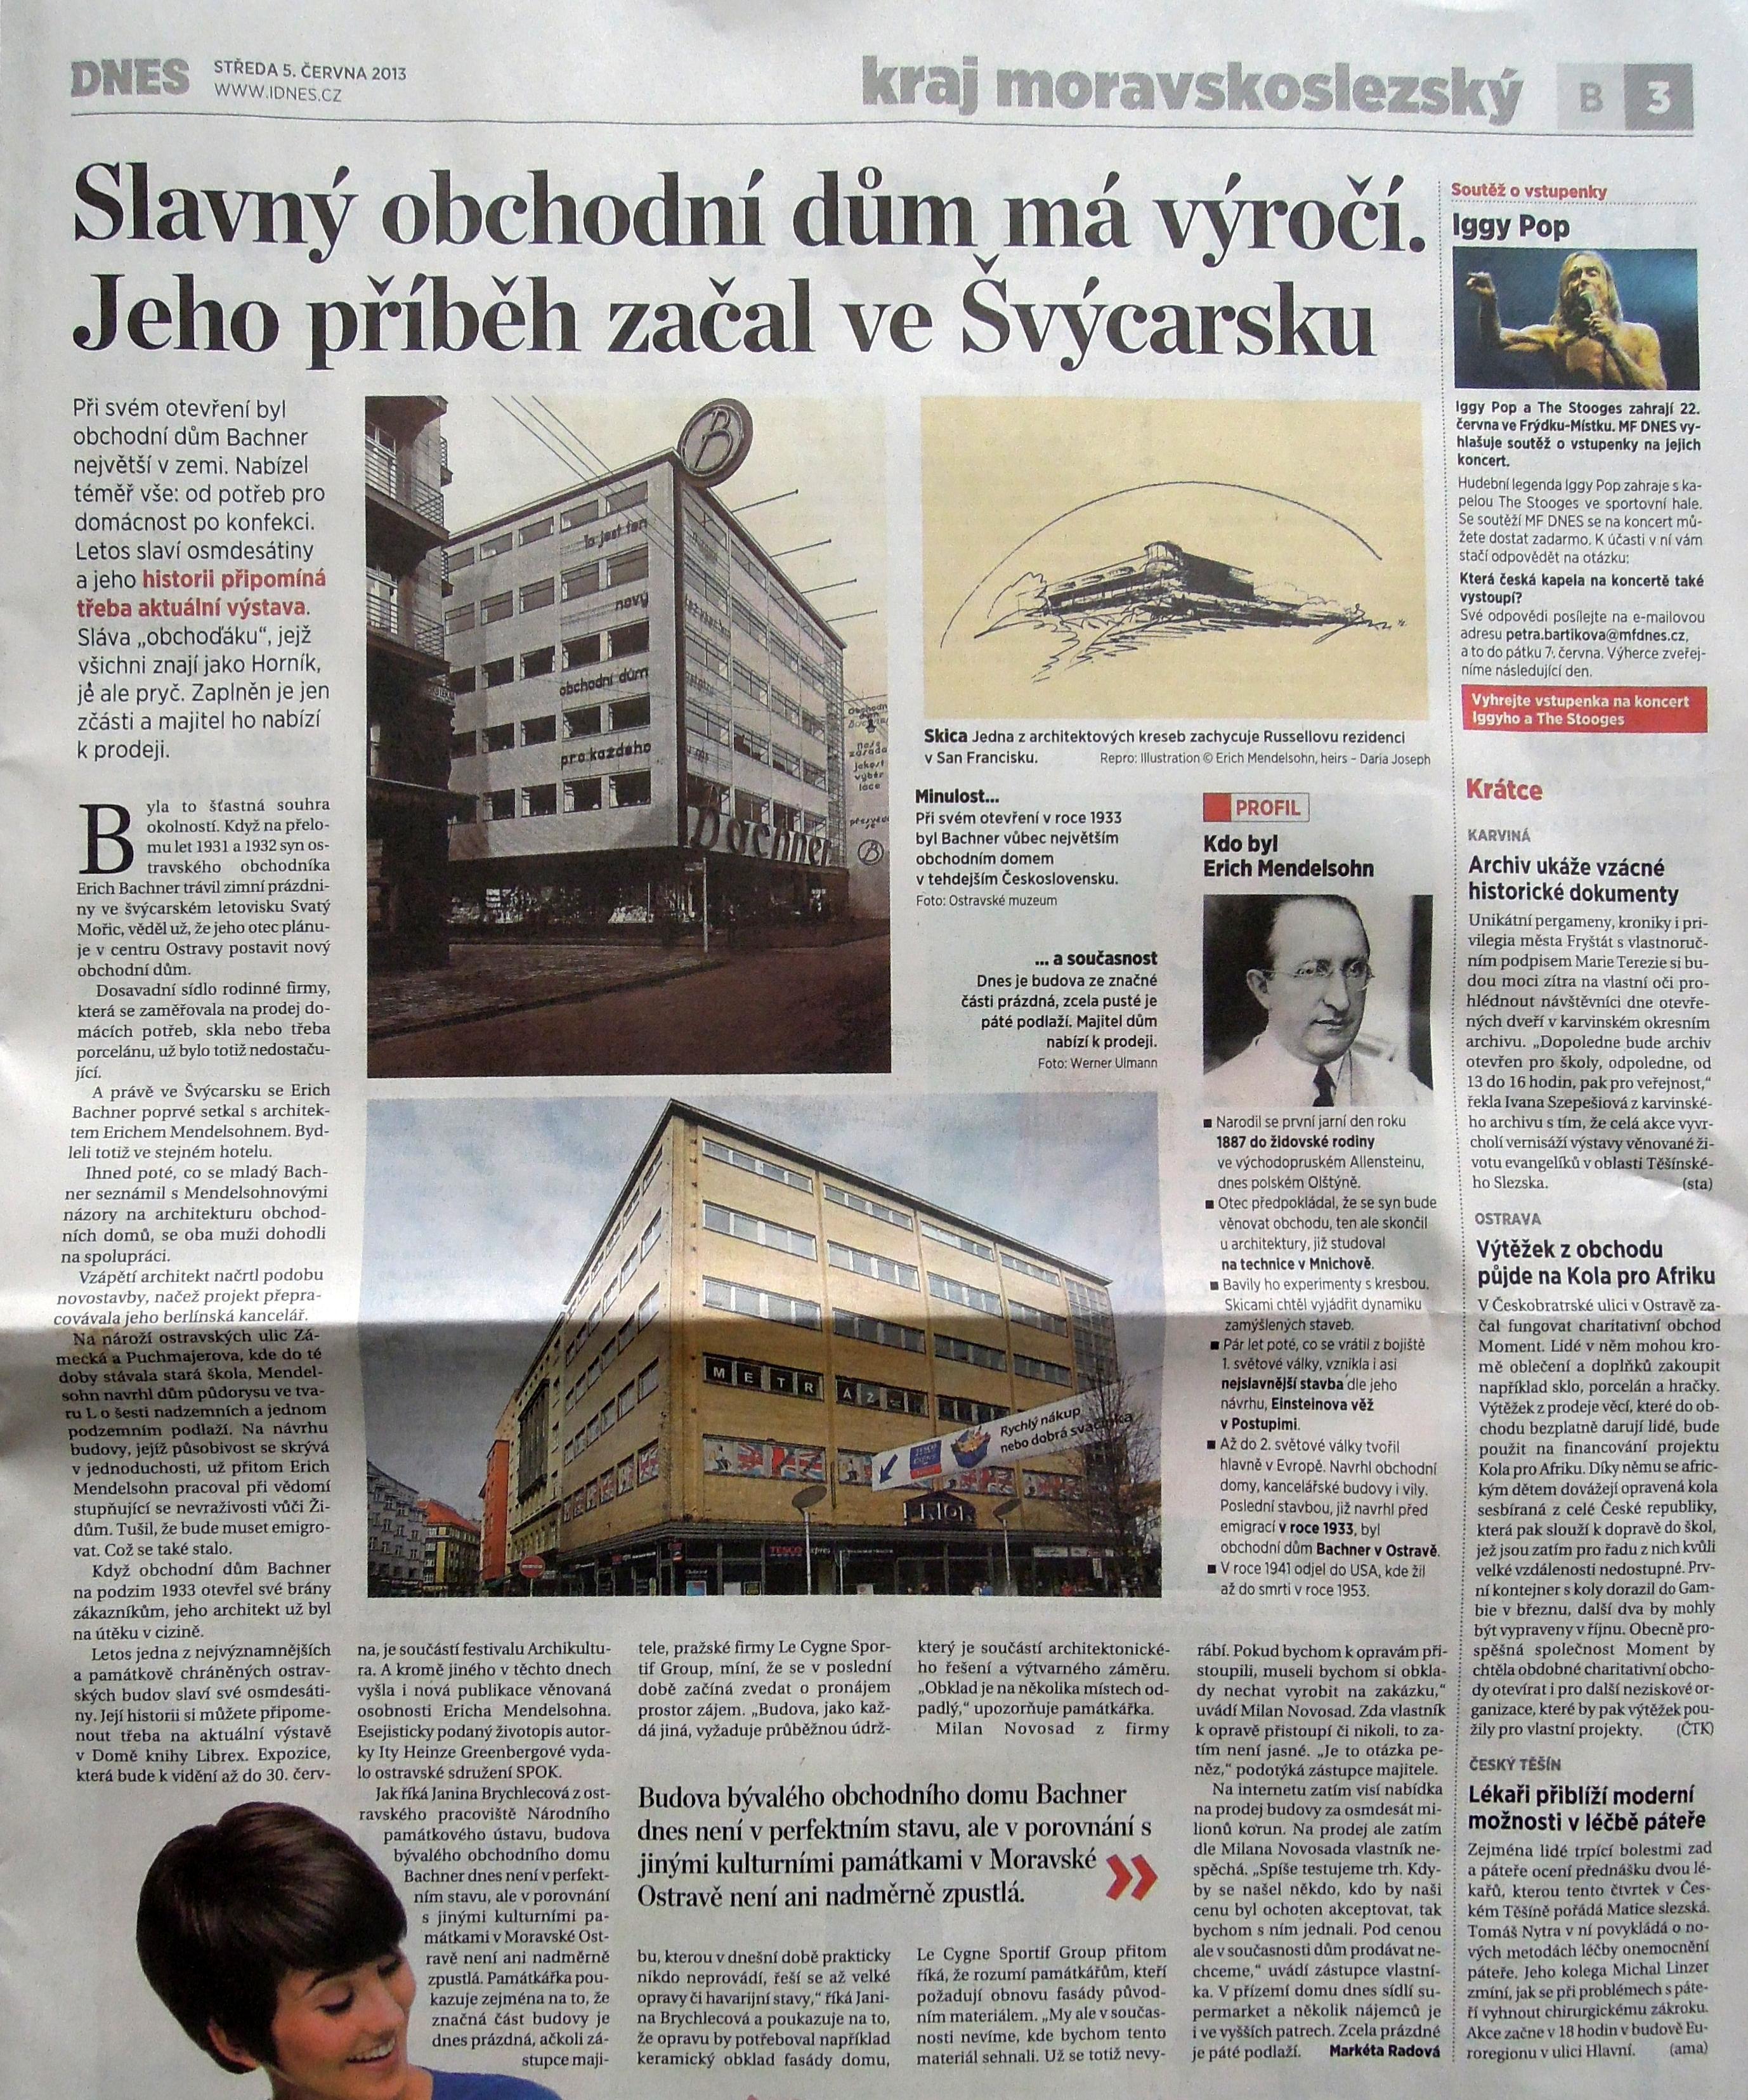 Slavný obchodní dům má výročí. Jeho příběh začal ve Švácarsku / MF Dnes 5. 6. 2013